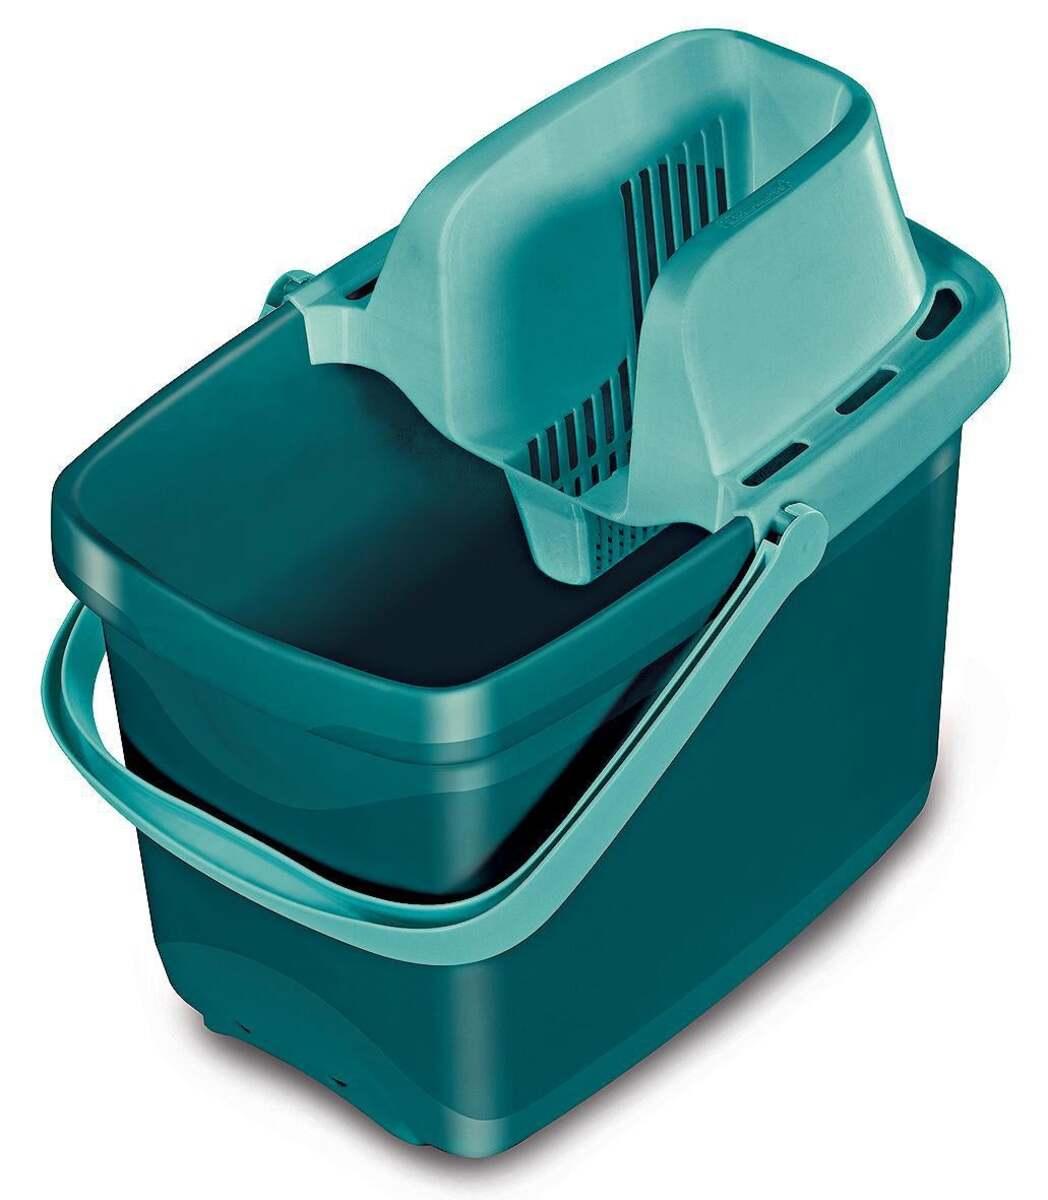 Bild 9 von LEIFHEIT Combi Clean Bodenwischer-Set